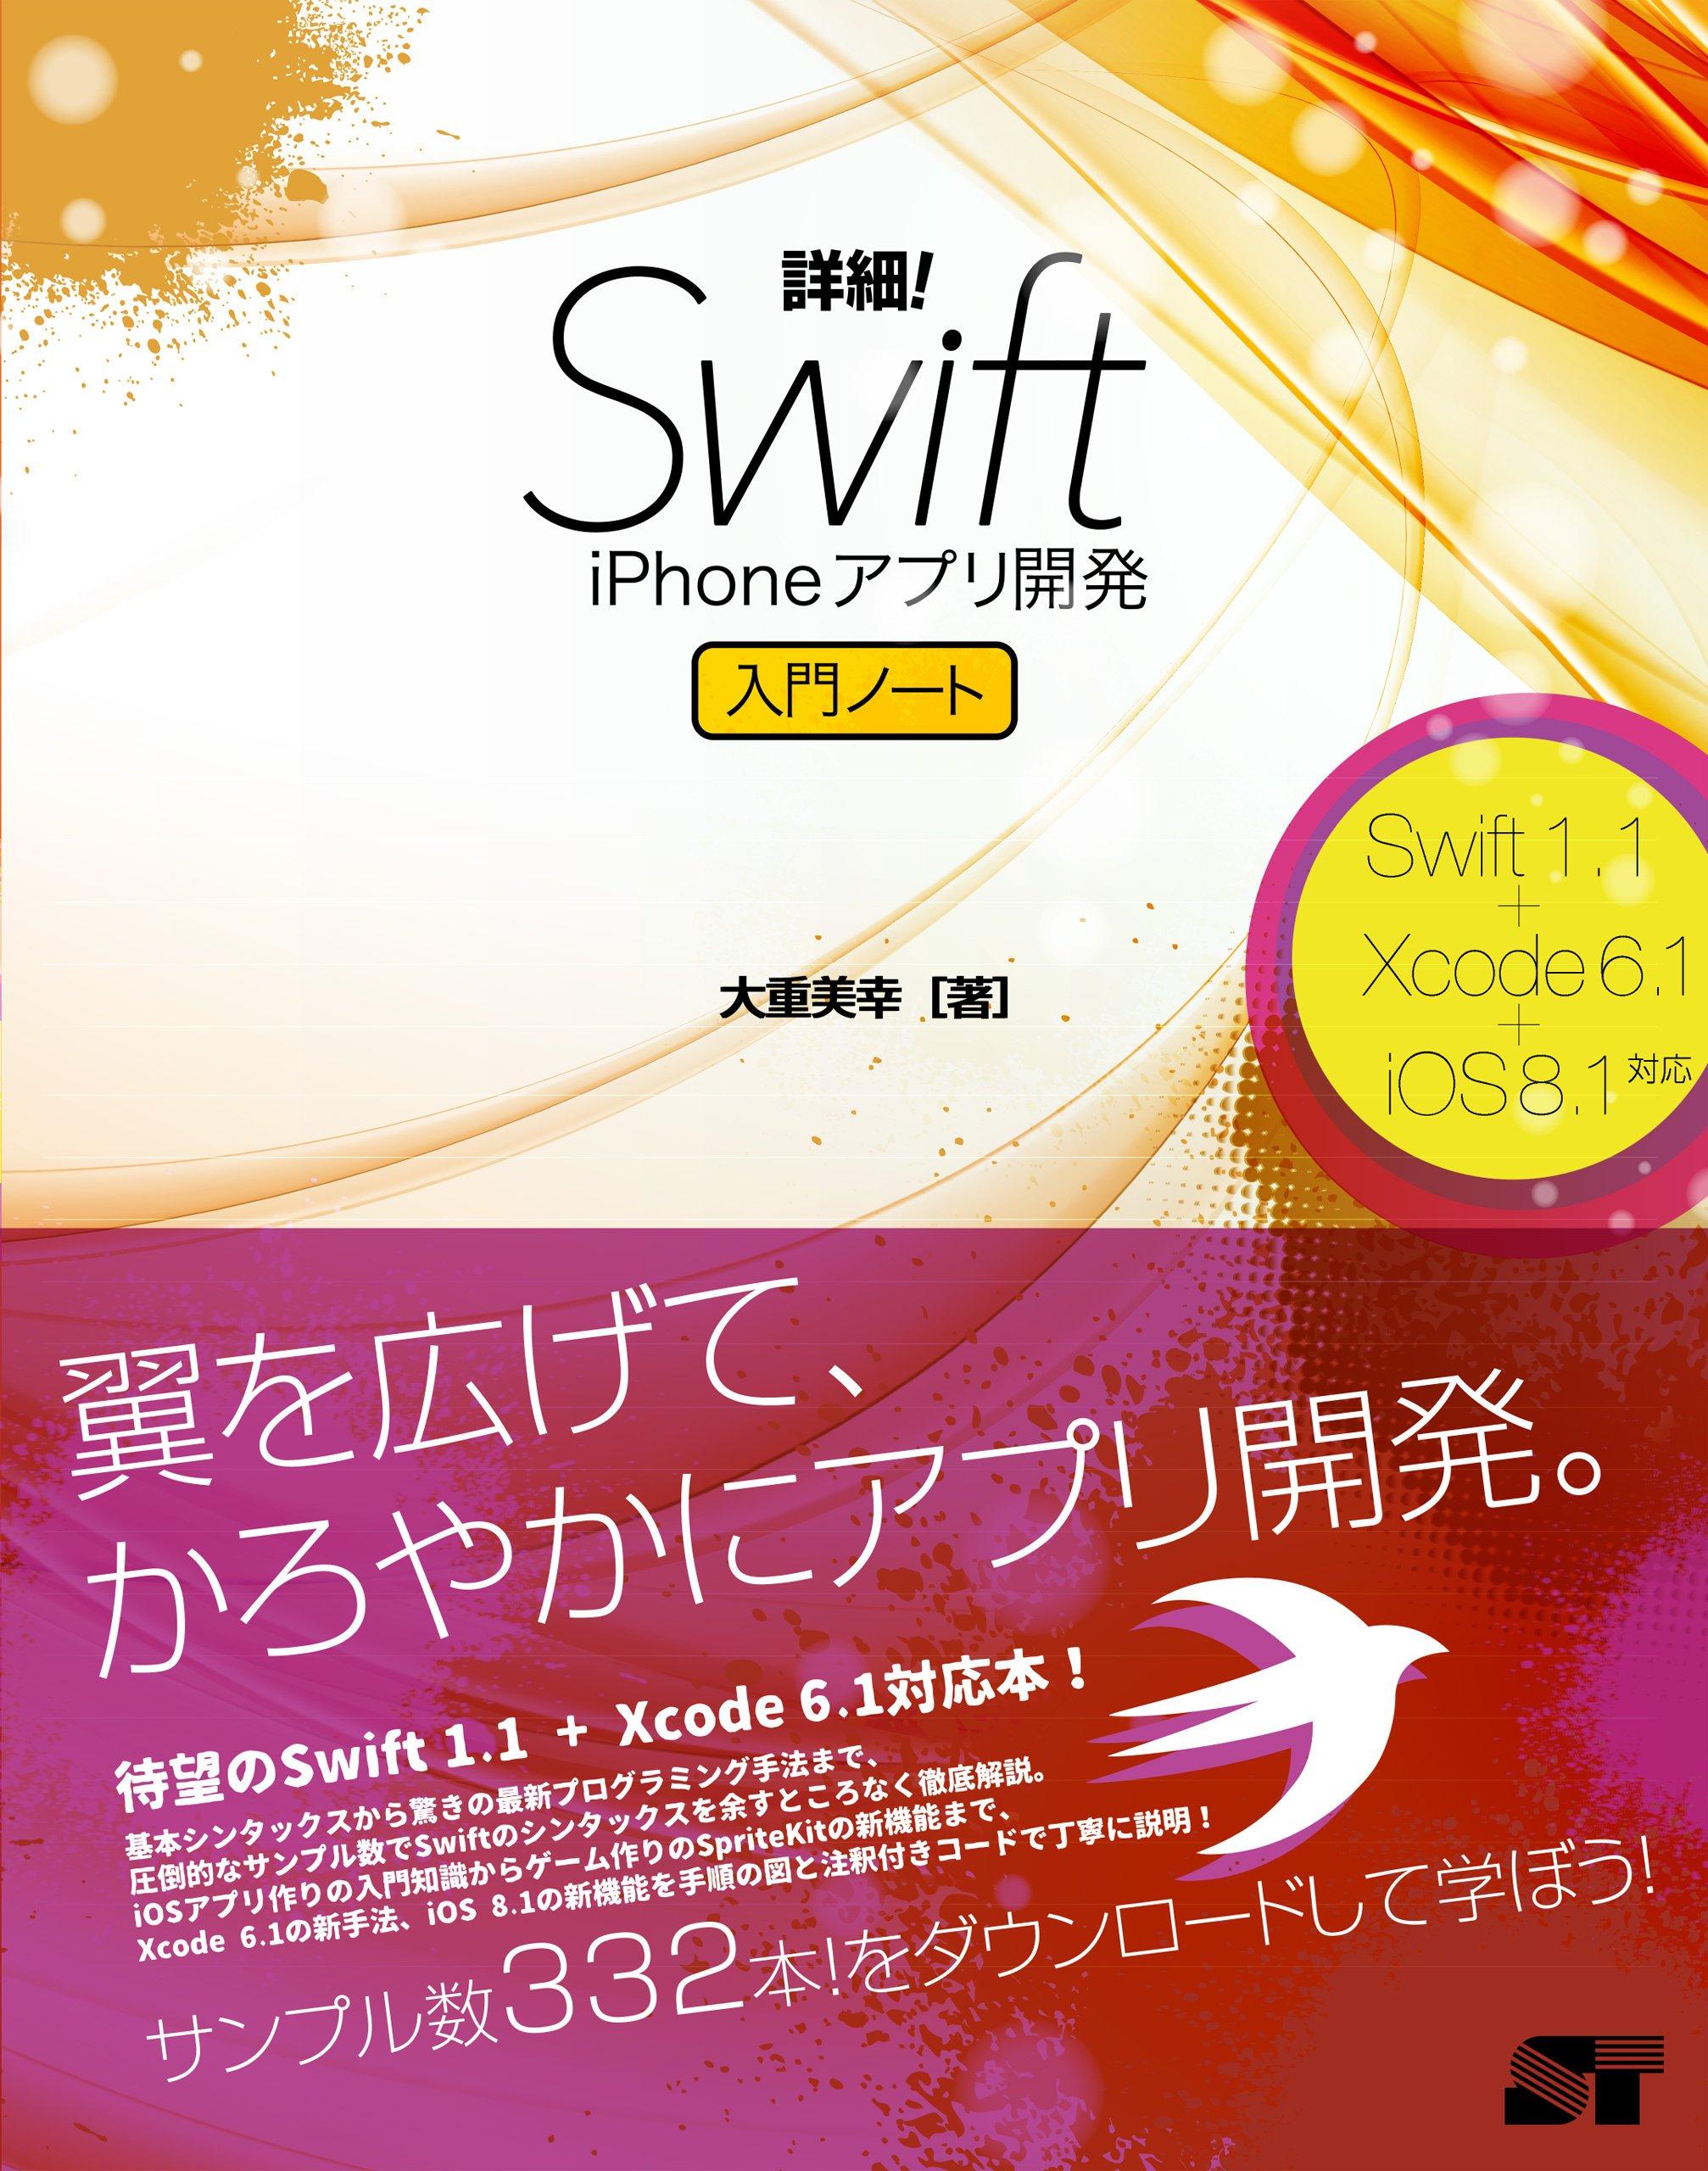 本紹介:大重さんのSwift本、本日発売!→詳細!Swift iPhoneアプリ開発 入門ノート Swift 1.1+Xcode 6.1+iOS 8.1対応 [Kindle版]